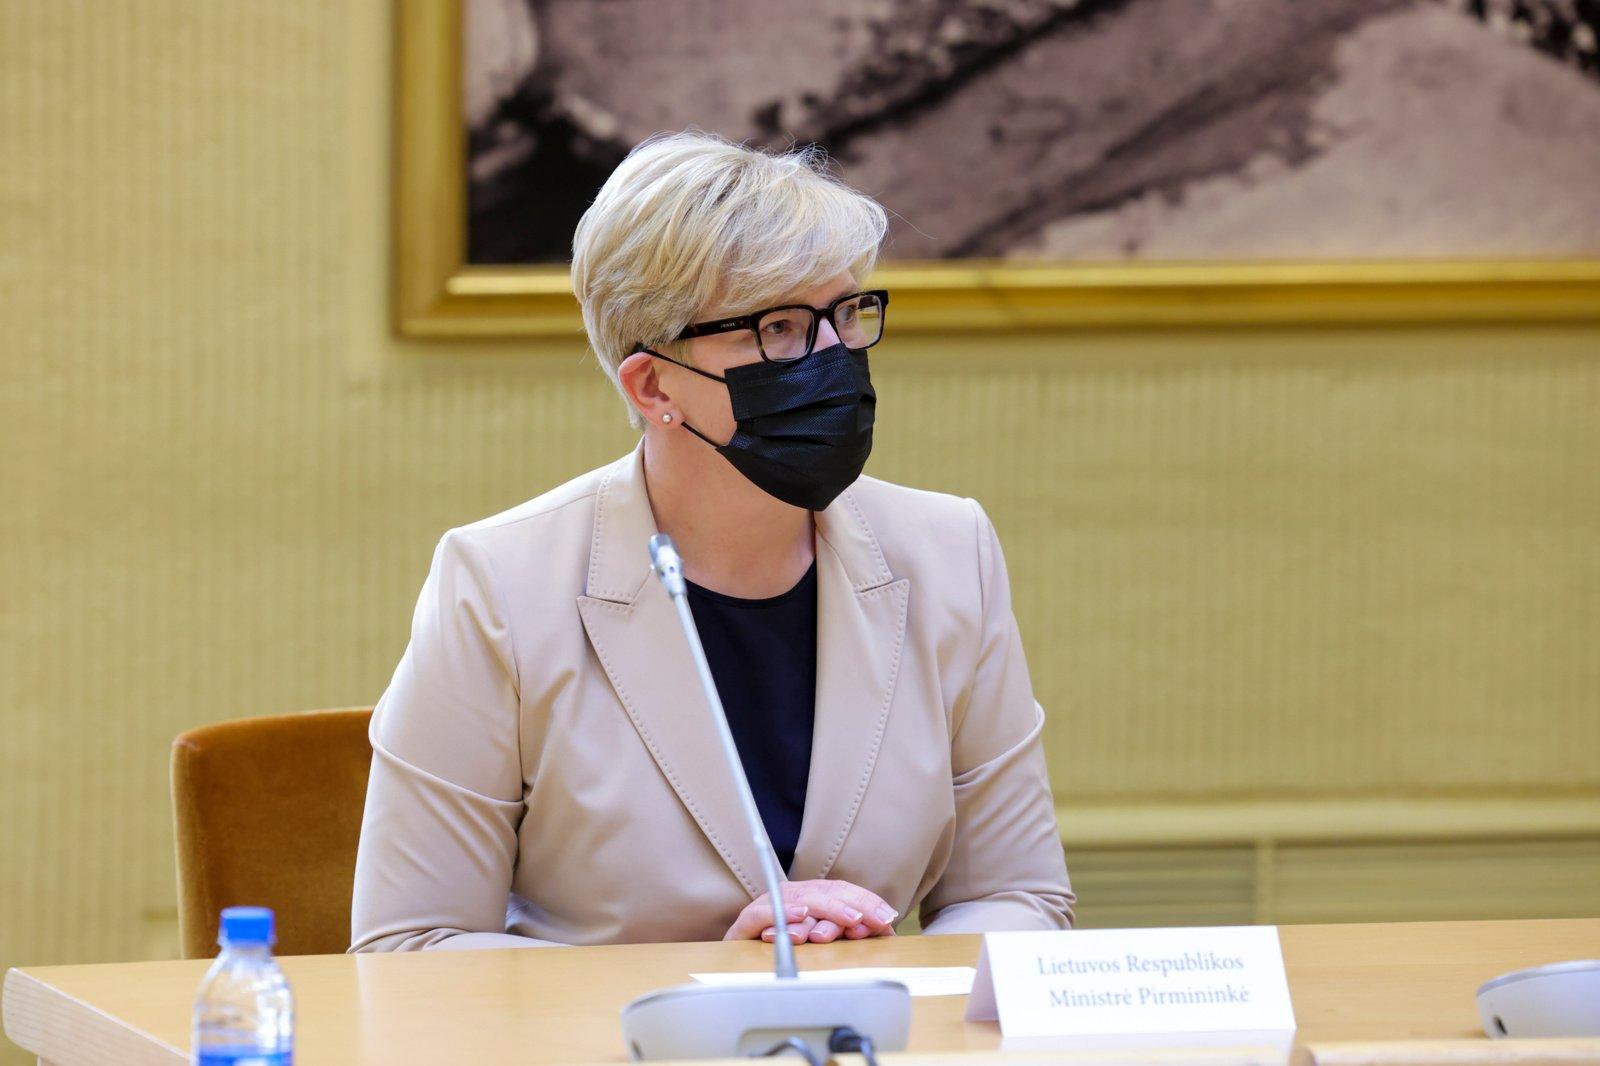 """I. Šimonytė įvertino situaciją dėl Lietuvos ambasadoriaus ES: prisiminė G. Nausėdos pasisakymą apie """"arklius brastoje"""""""